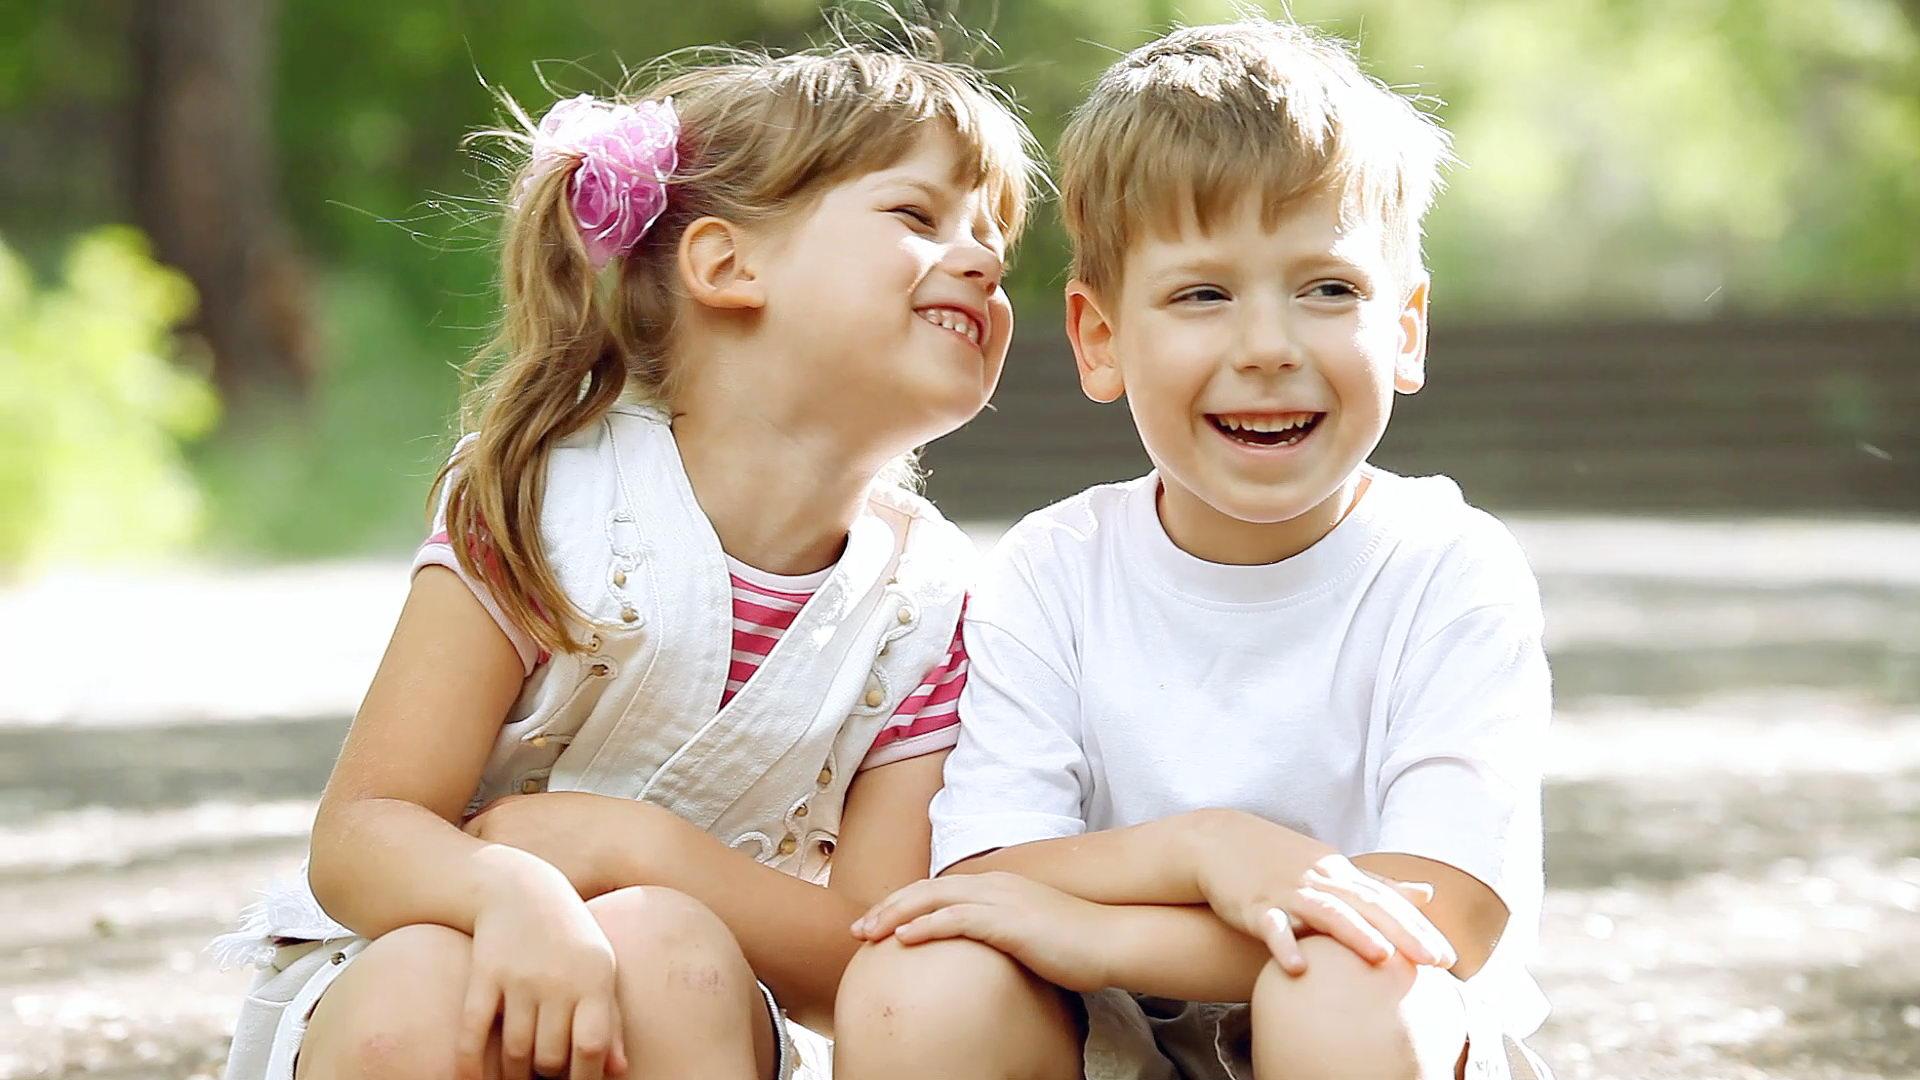 孩子天真可爱,幸福,欢乐,其乐融融